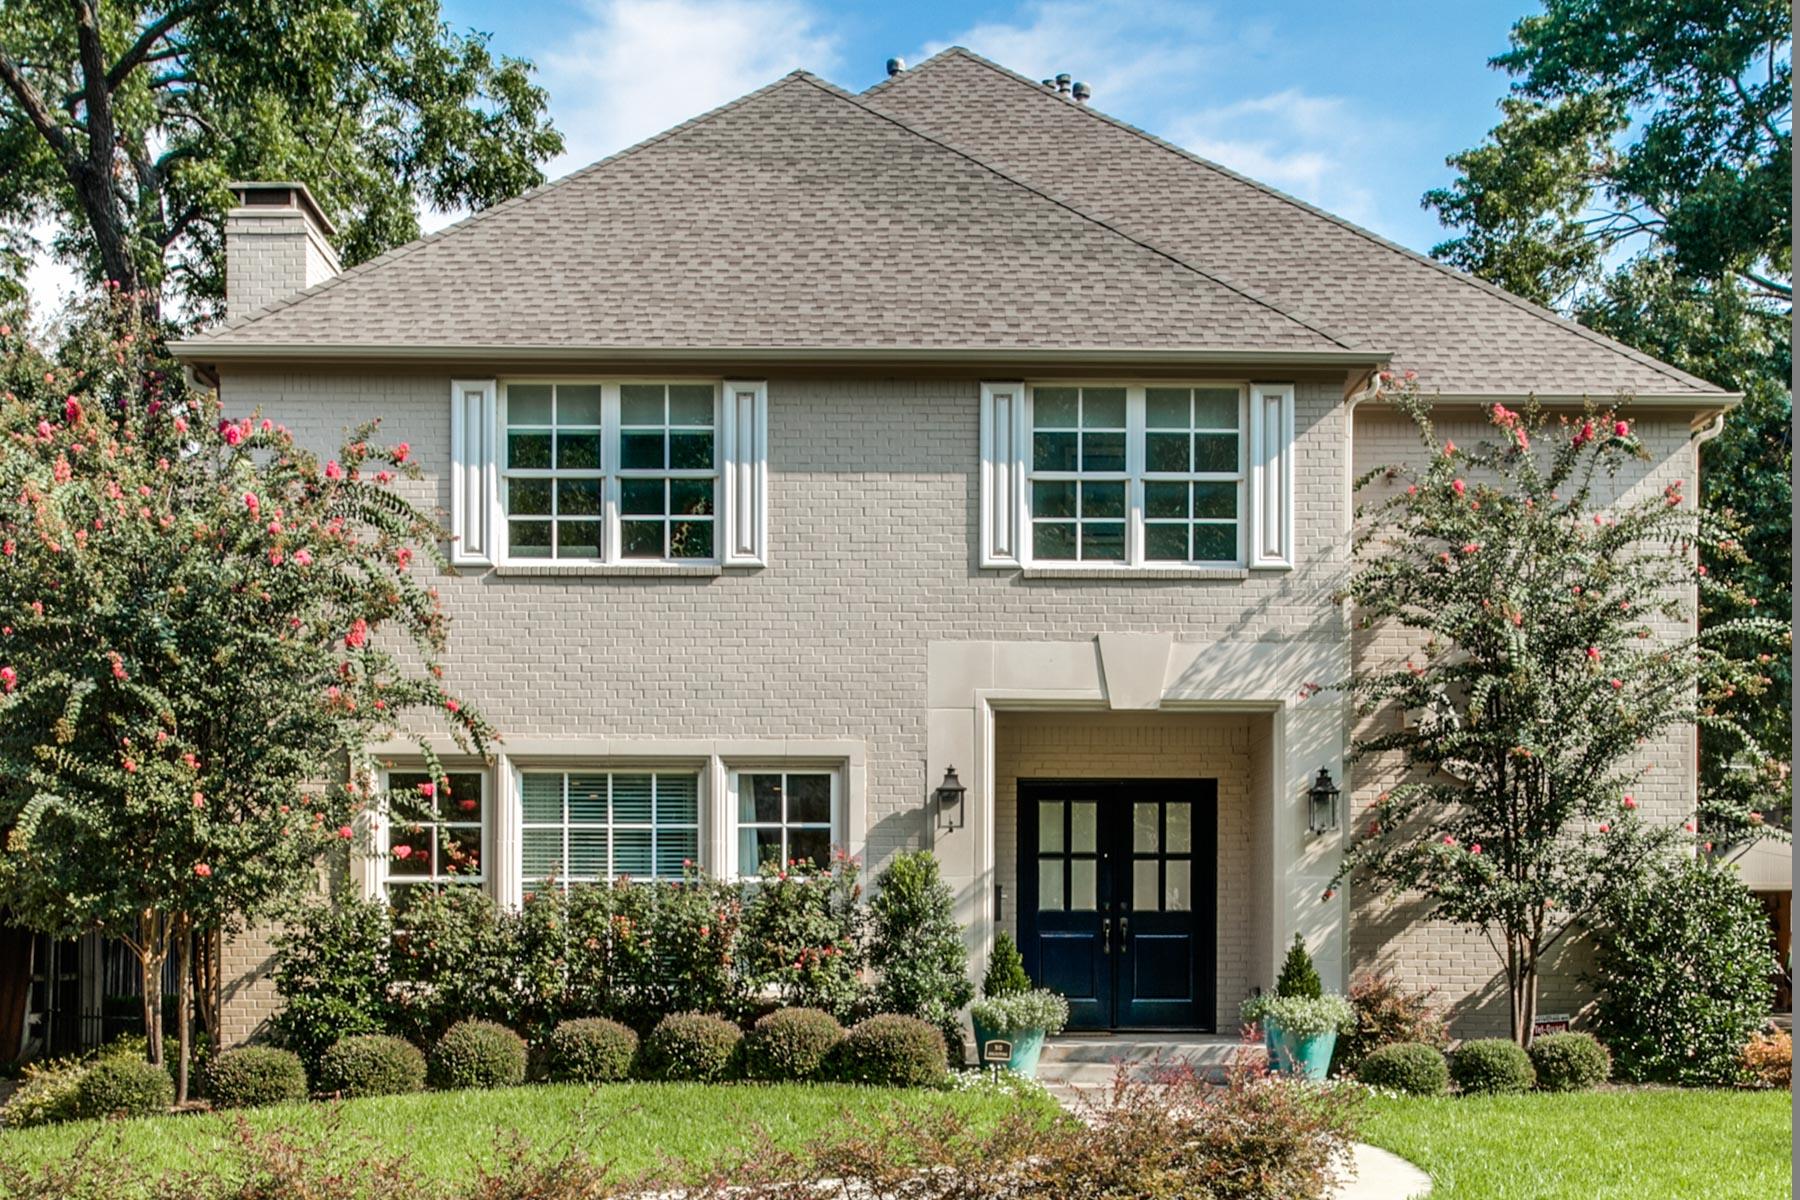 Maison unifamiliale pour l Vente à Classic Greenway Crest Home 5317 Emerson Avenue Dallas, Texas, 75209 États-Unis